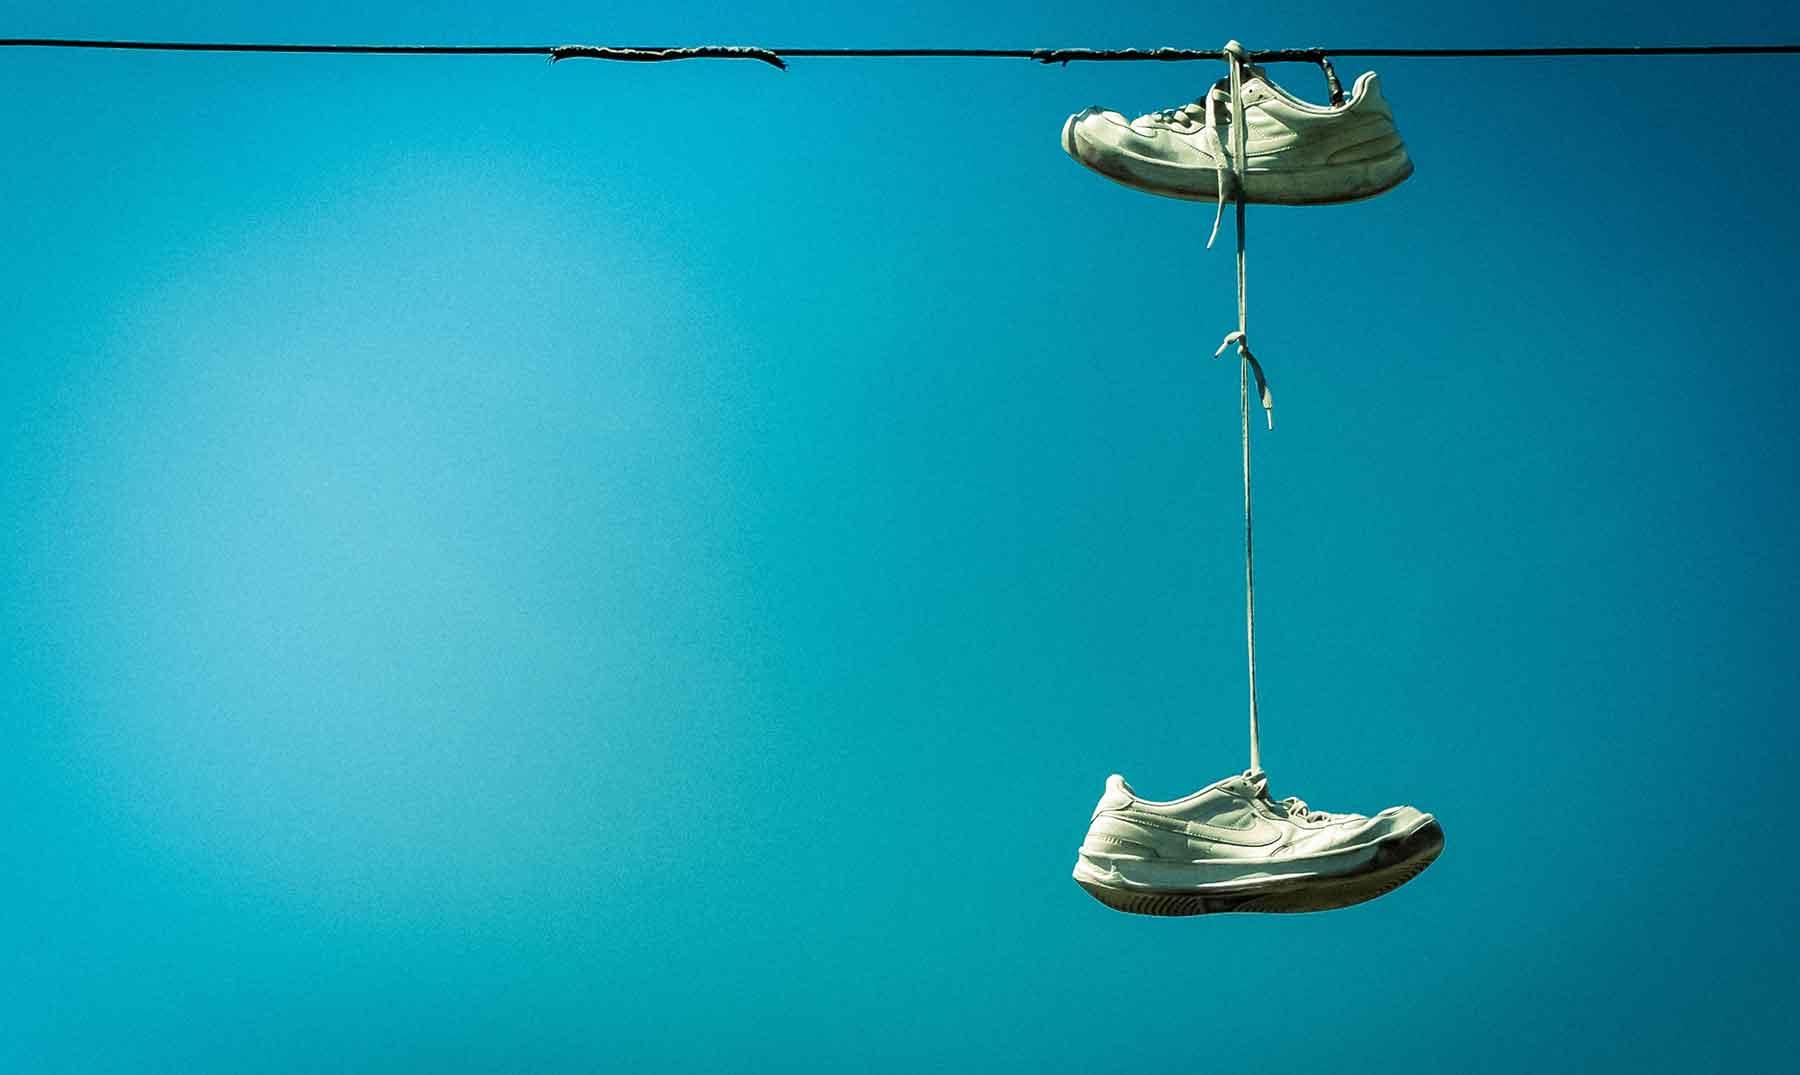 ¿Por qué cuelgan zapatos en los tendidos eléctricos?